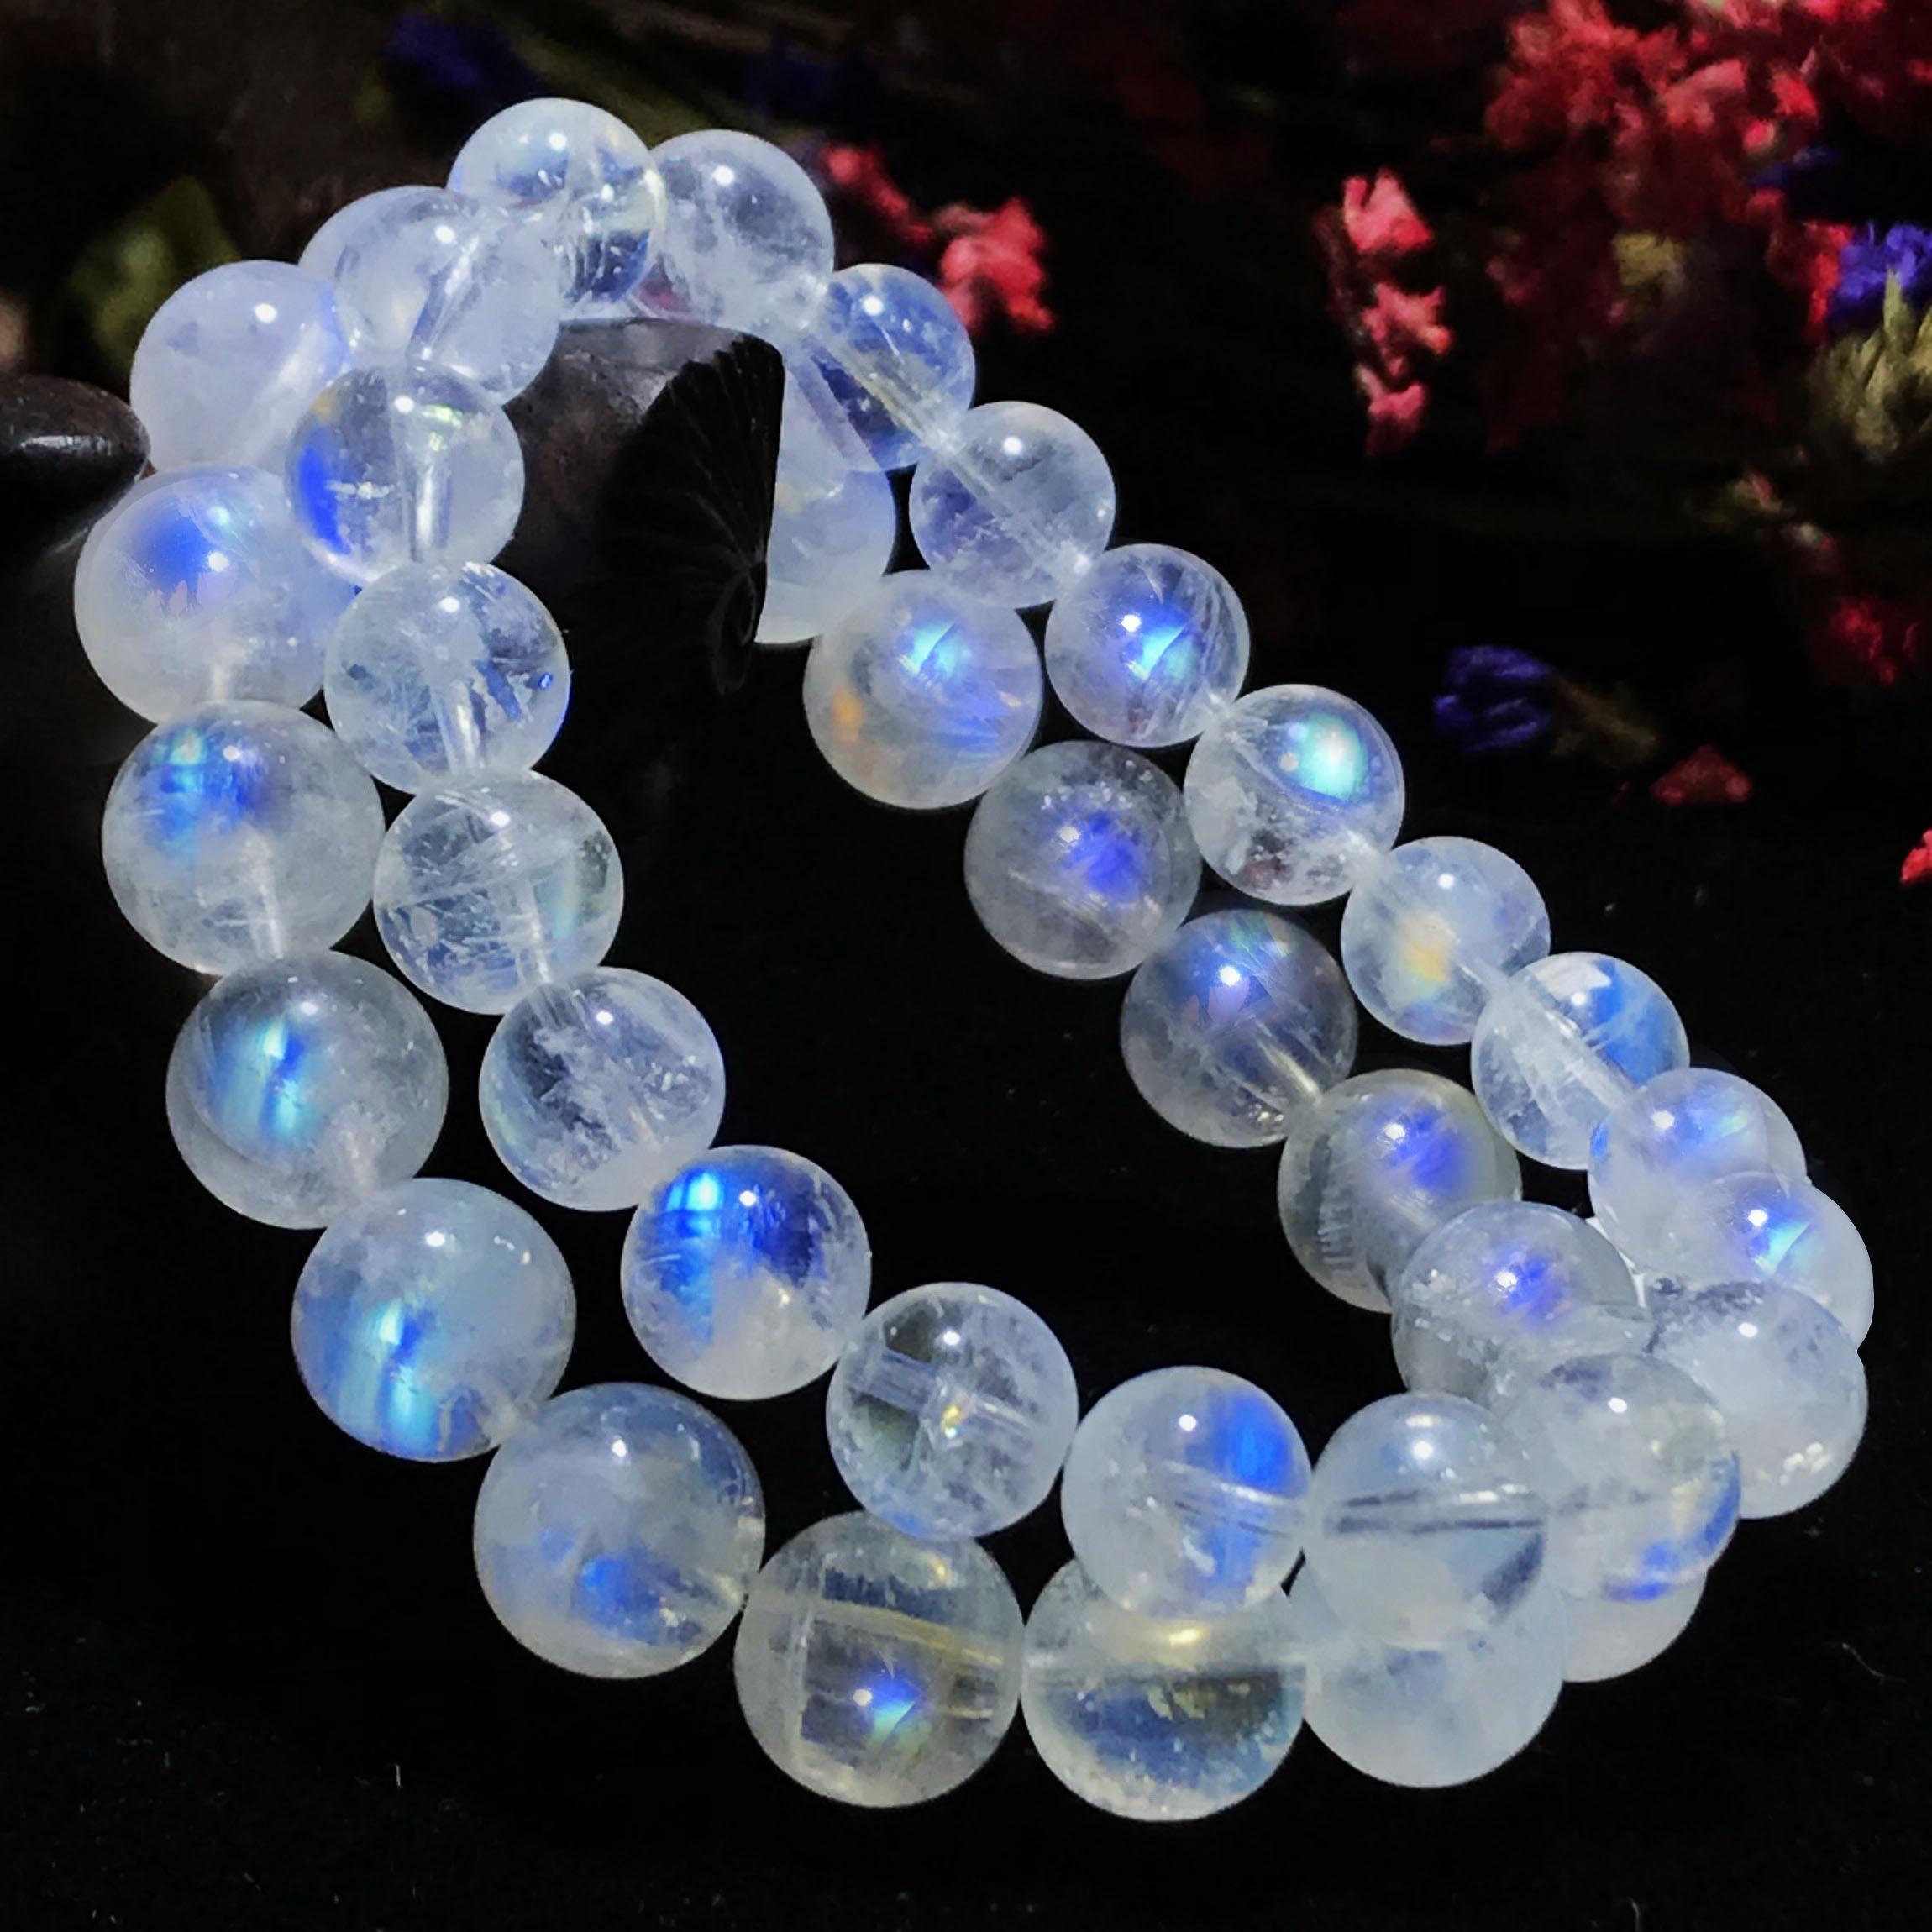 收藏级斯里兰卡天然蓝月光石手链女单圈玻璃体冰种彩蓝光水晶手串